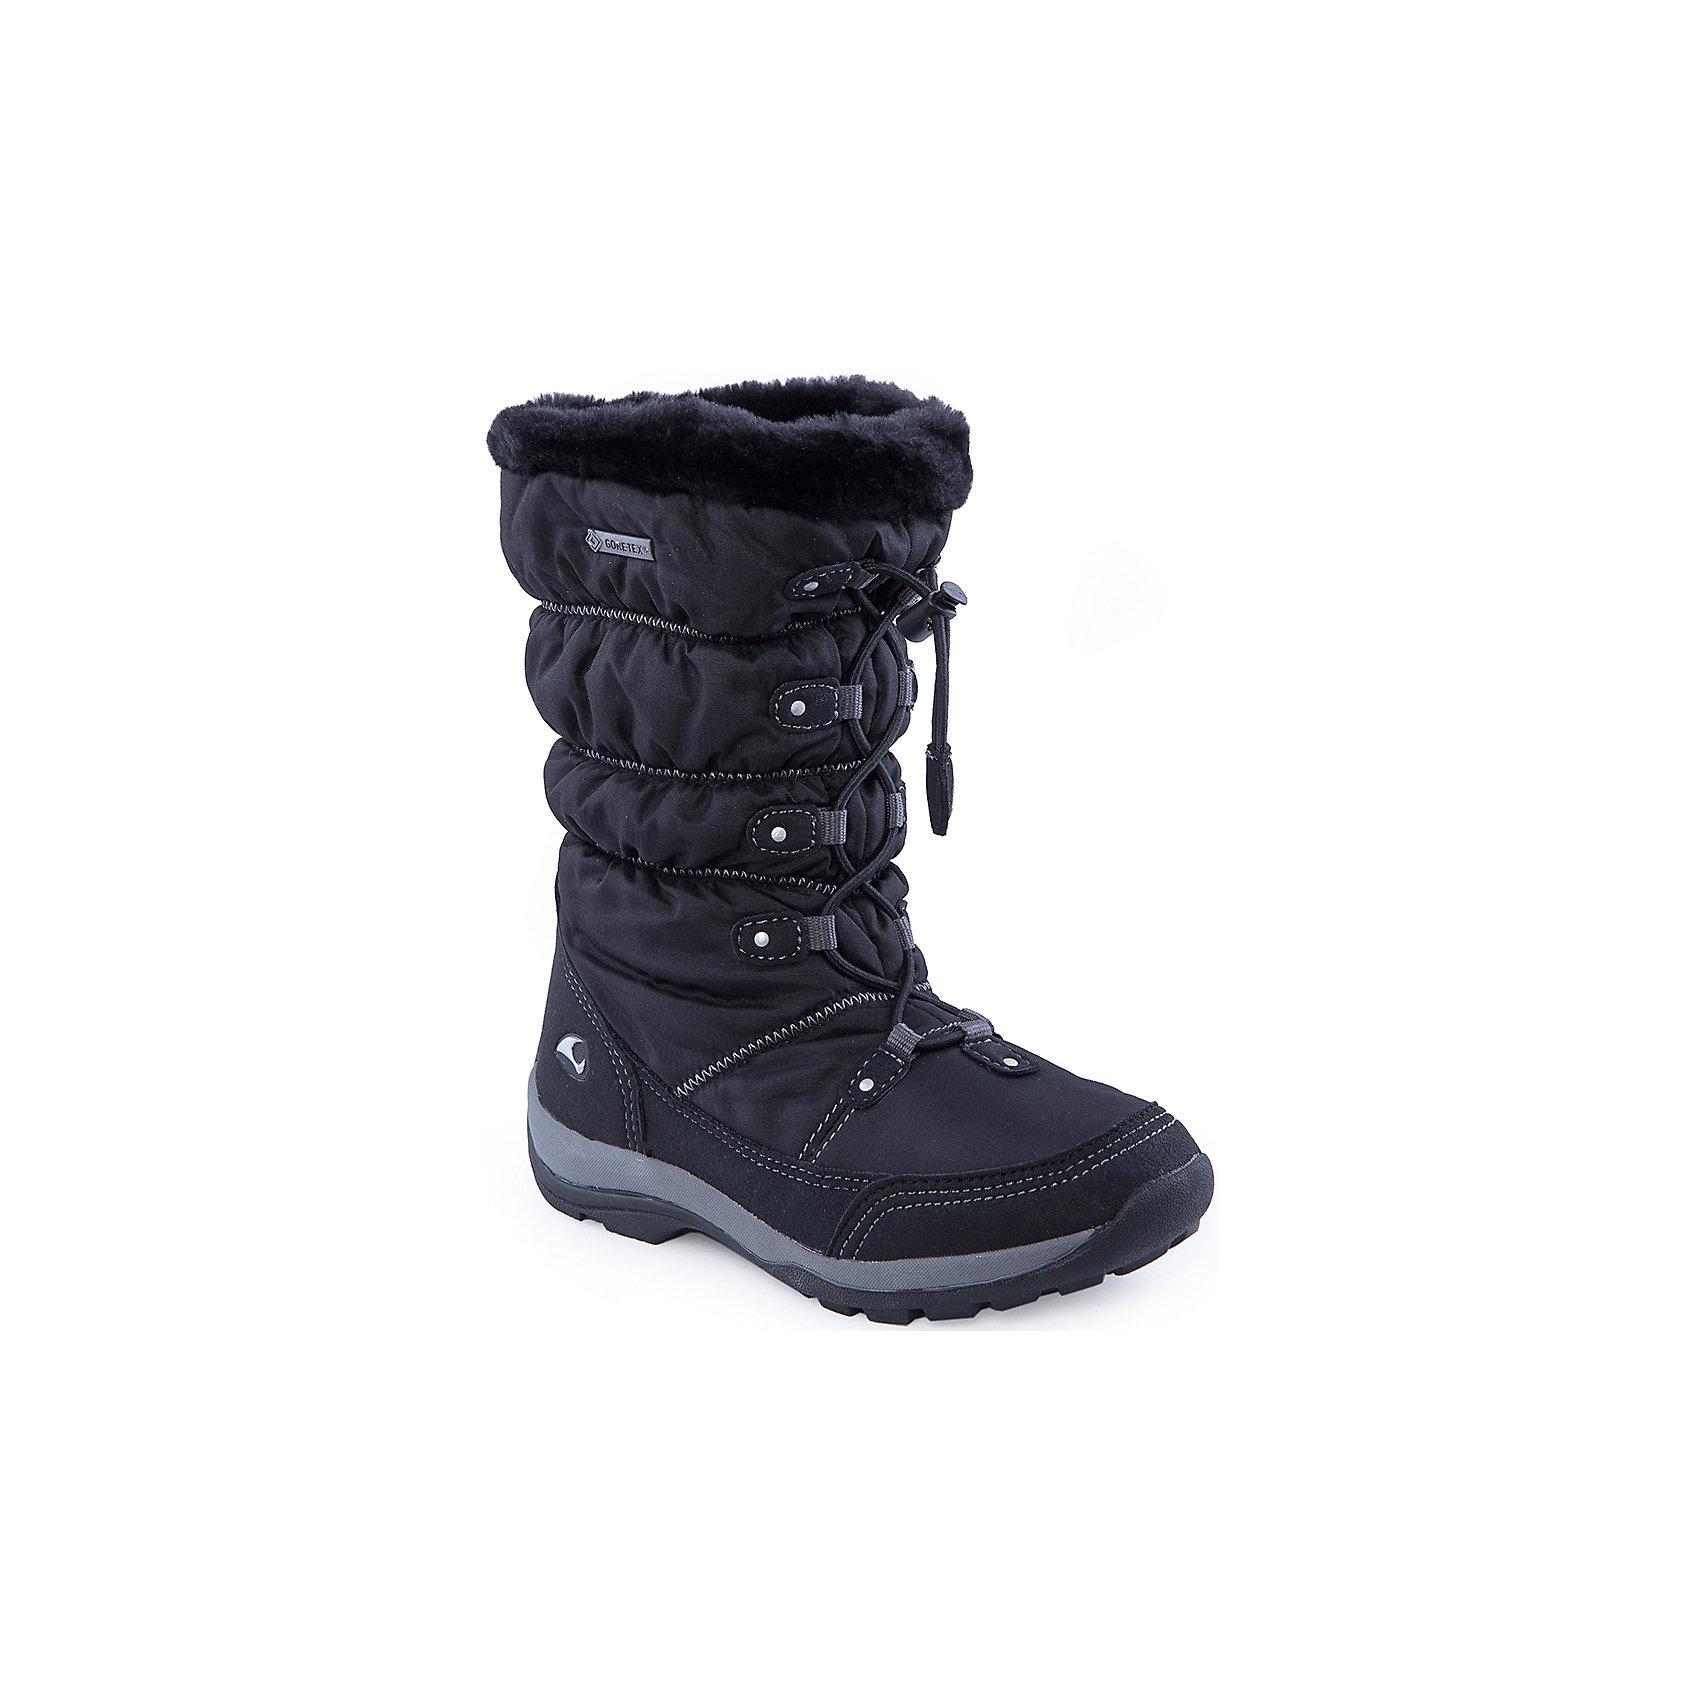 Сапоги для девочки VIKINGСапоги для девочки от популярной марки VIKING <br><br>Черные зимние сапоги сделаны по уникальной технологии. <br>Производитель обуви VIKING разработал специальную  высокотехнологичную мембрану GORE-TEX. Она добавляется в подкладку обуви и позволяют ногам оставаться сухими и теплыми. Мембрана активно отводит влагу наружу, и не дает жидкости проникать внутрь. Мембрана GORE-TEX не создает препятствий для воздуха, обеспечивая комфортные условия для детских ножек.<br><br>Отличительные особенности модели:<br><br>- цвет: черный;<br>- гибкая нескользящая подошва;<br>- утепленная стелька;<br>- небольшой вес;<br>- усиленный носок и задник;<br>- эргономичная форма;<br>- мембрана GORE-TEX;<br>- специальная колодка для поддержания правильного положения стопы;<br>- удобный супинатор;<br>- застежка: эластичная шнуровка со стоппером.<br><br>Дополнительная информация:<br><br>- Температурный режим: от - 30° С  до -0° С.<br><br>- Состав:<br><br>материал верха: 90% текстиль, 10% искусственная кожа<br>материал подкладки: 80% шерсть, 20% полиэстер, мембрана GORE-TEX<br>подошва: резина<br><br>Сапоги для девочки VIKING (Викинг) можно купить в нашем магазине.<br><br>Ширина мм: 257<br>Глубина мм: 180<br>Высота мм: 130<br>Вес г: 420<br>Цвет: черный<br>Возраст от месяцев: 84<br>Возраст до месяцев: 96<br>Пол: Женский<br>Возраст: Детский<br>Размер: 30,32,33,35,31,37,34,36<br>SKU: 4279154